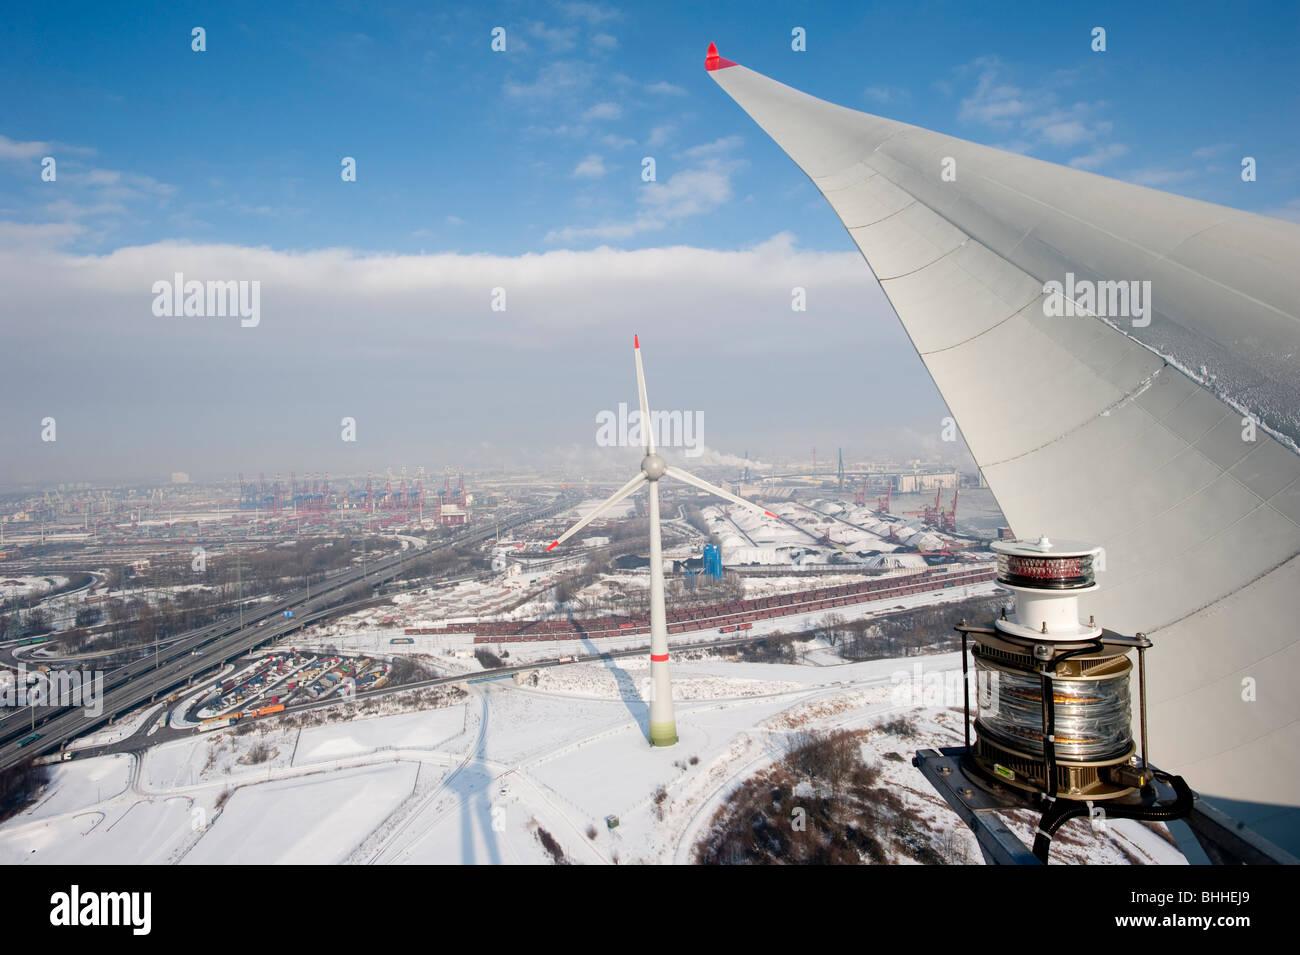 Alemania - Hamburgo aerogeneradores Enercon E-126 con 6 MW en puerto y vistas sobre la ciudad de Hamburgo Imagen De Stock